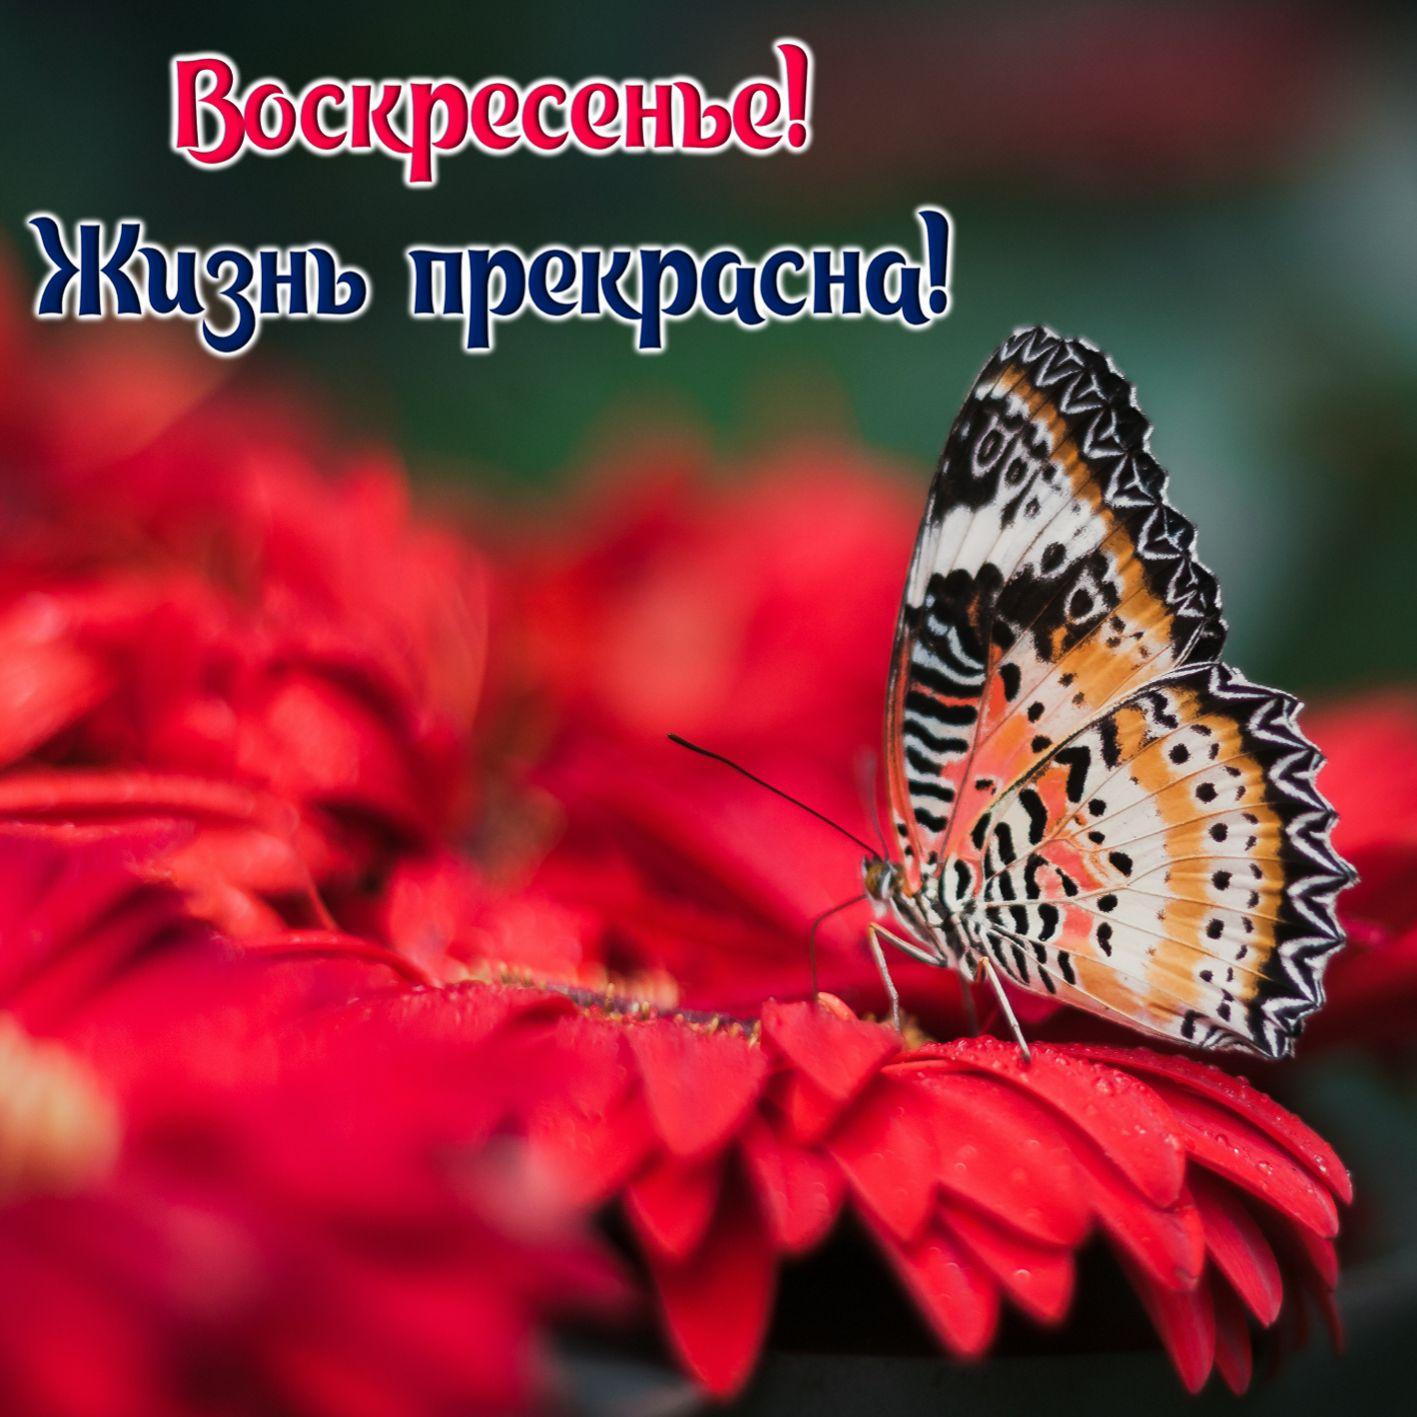 Картинка с бабочкой на красном цветке на воскресенье